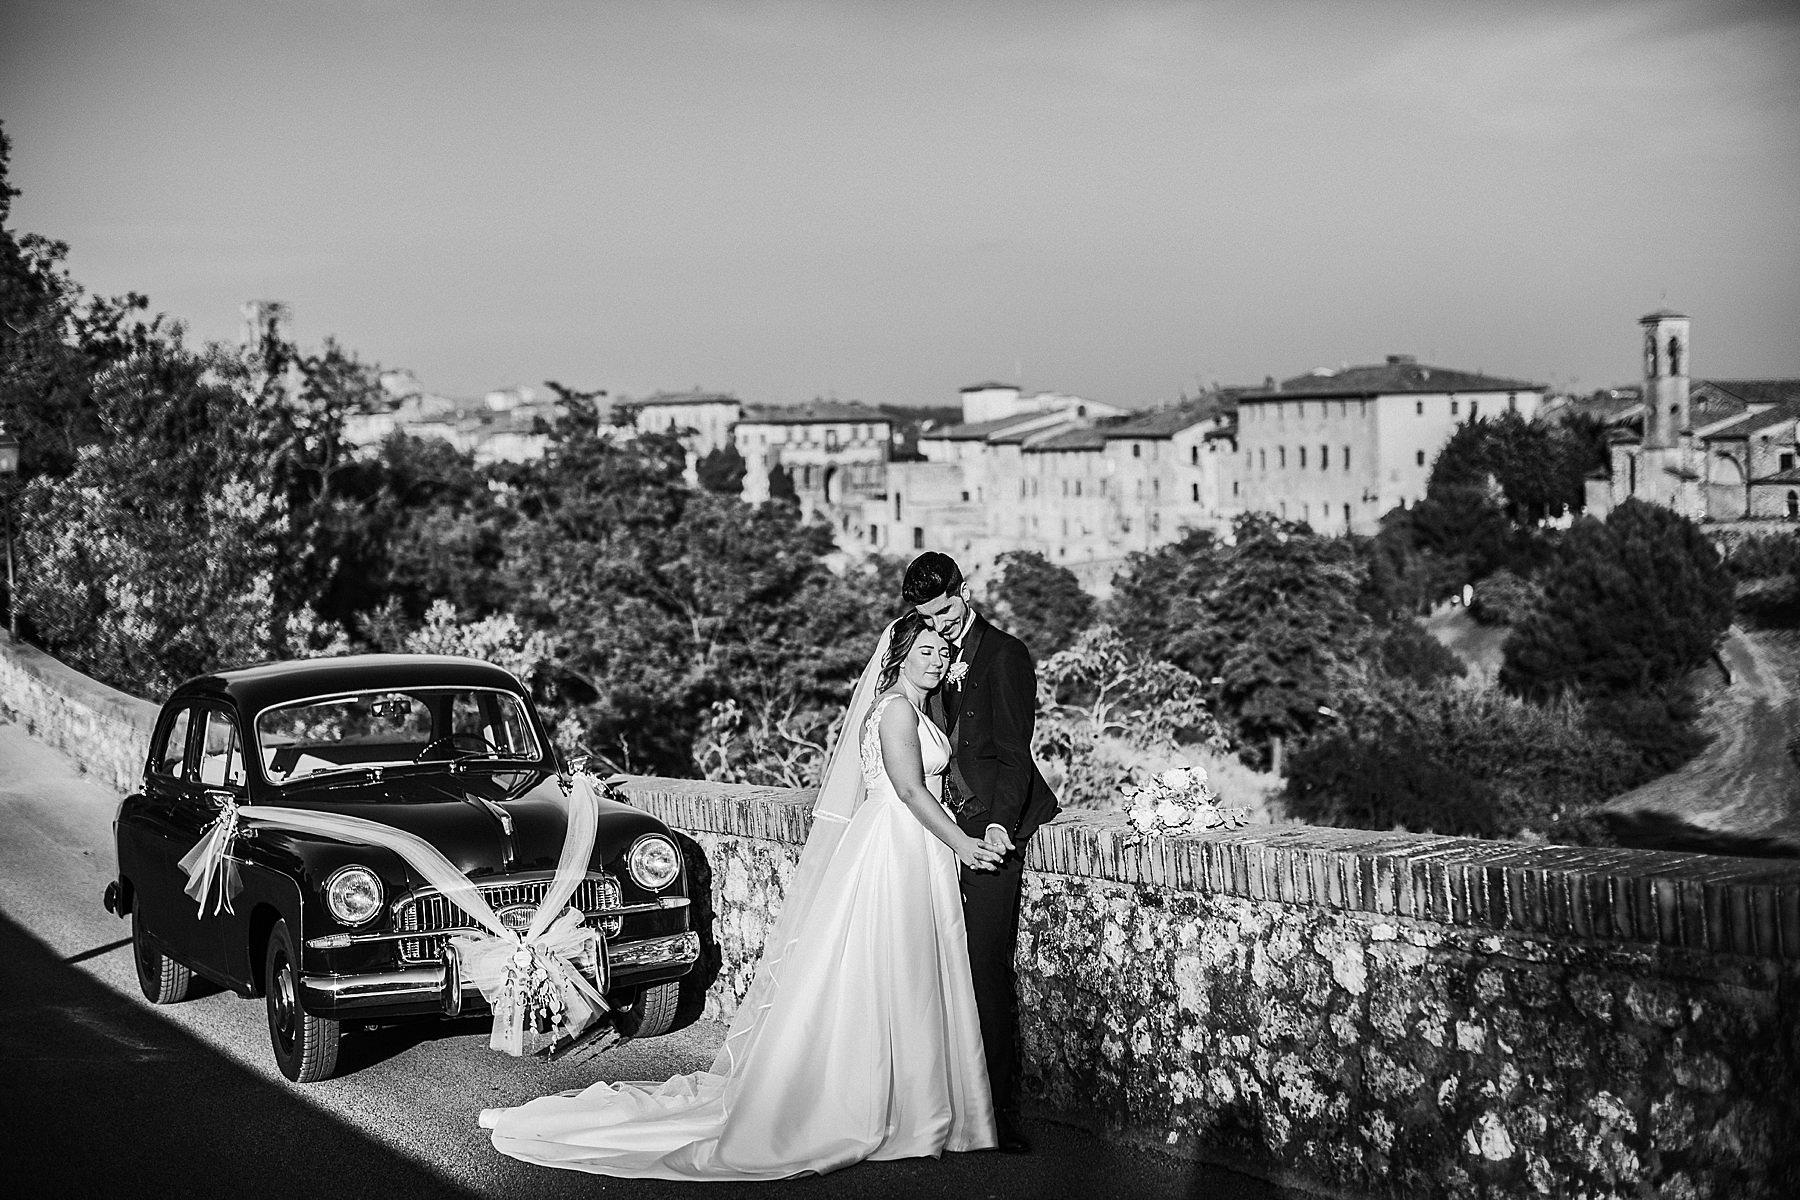 matrimonio tenuta bichi borghesi monteriggioni 3035